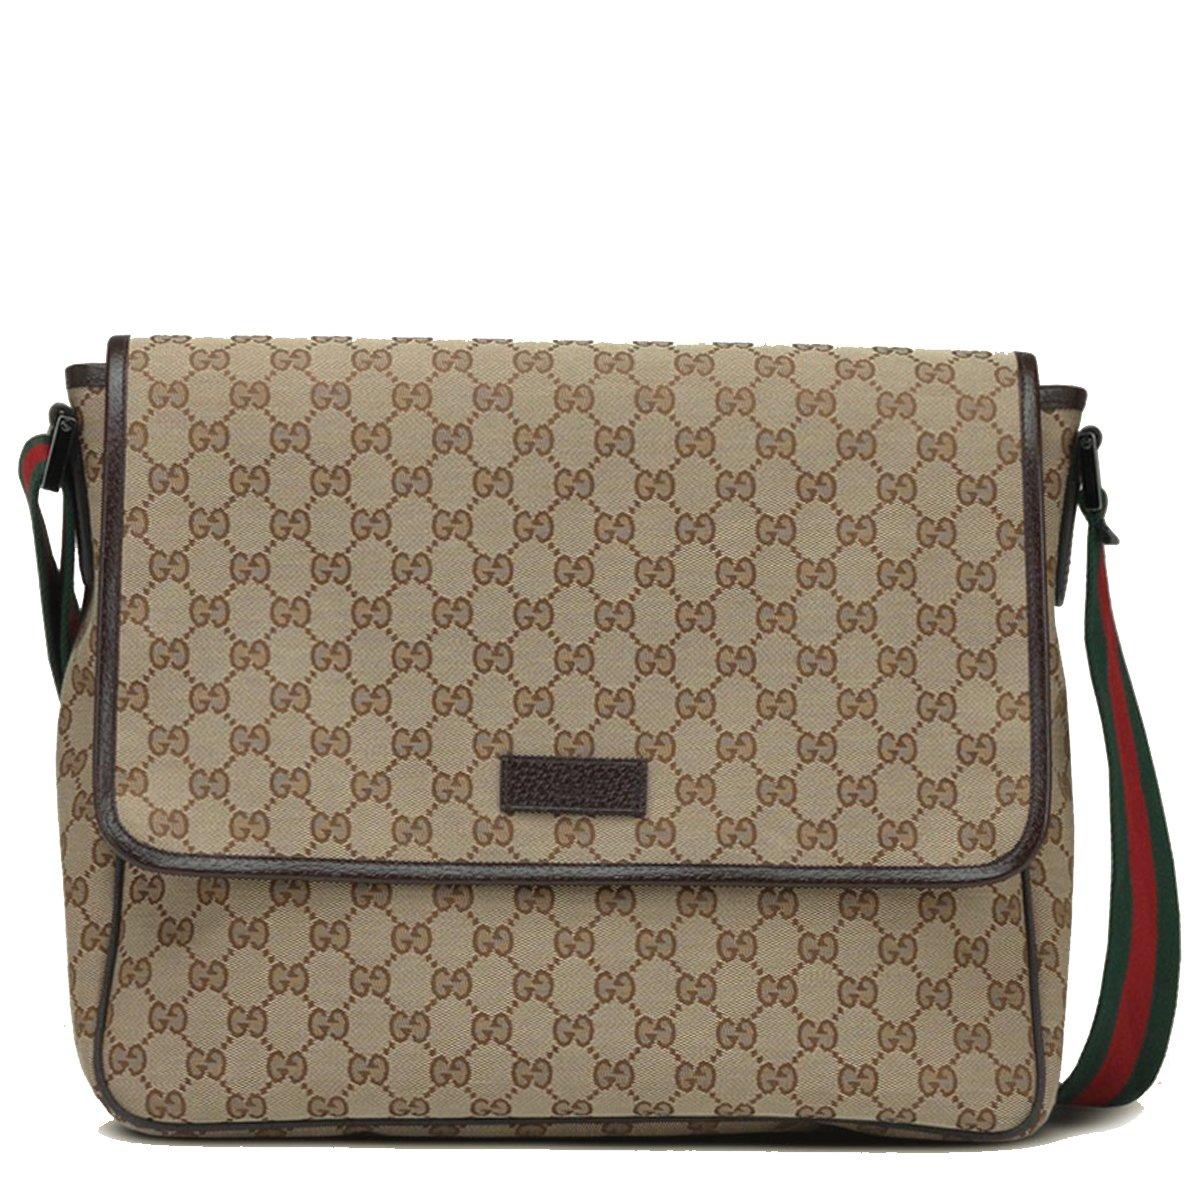 Gucci Messenger Beige/Ebony Original GG lienzo con ribete en piel de color marrón: Amazon.es: Ropa y accesorios